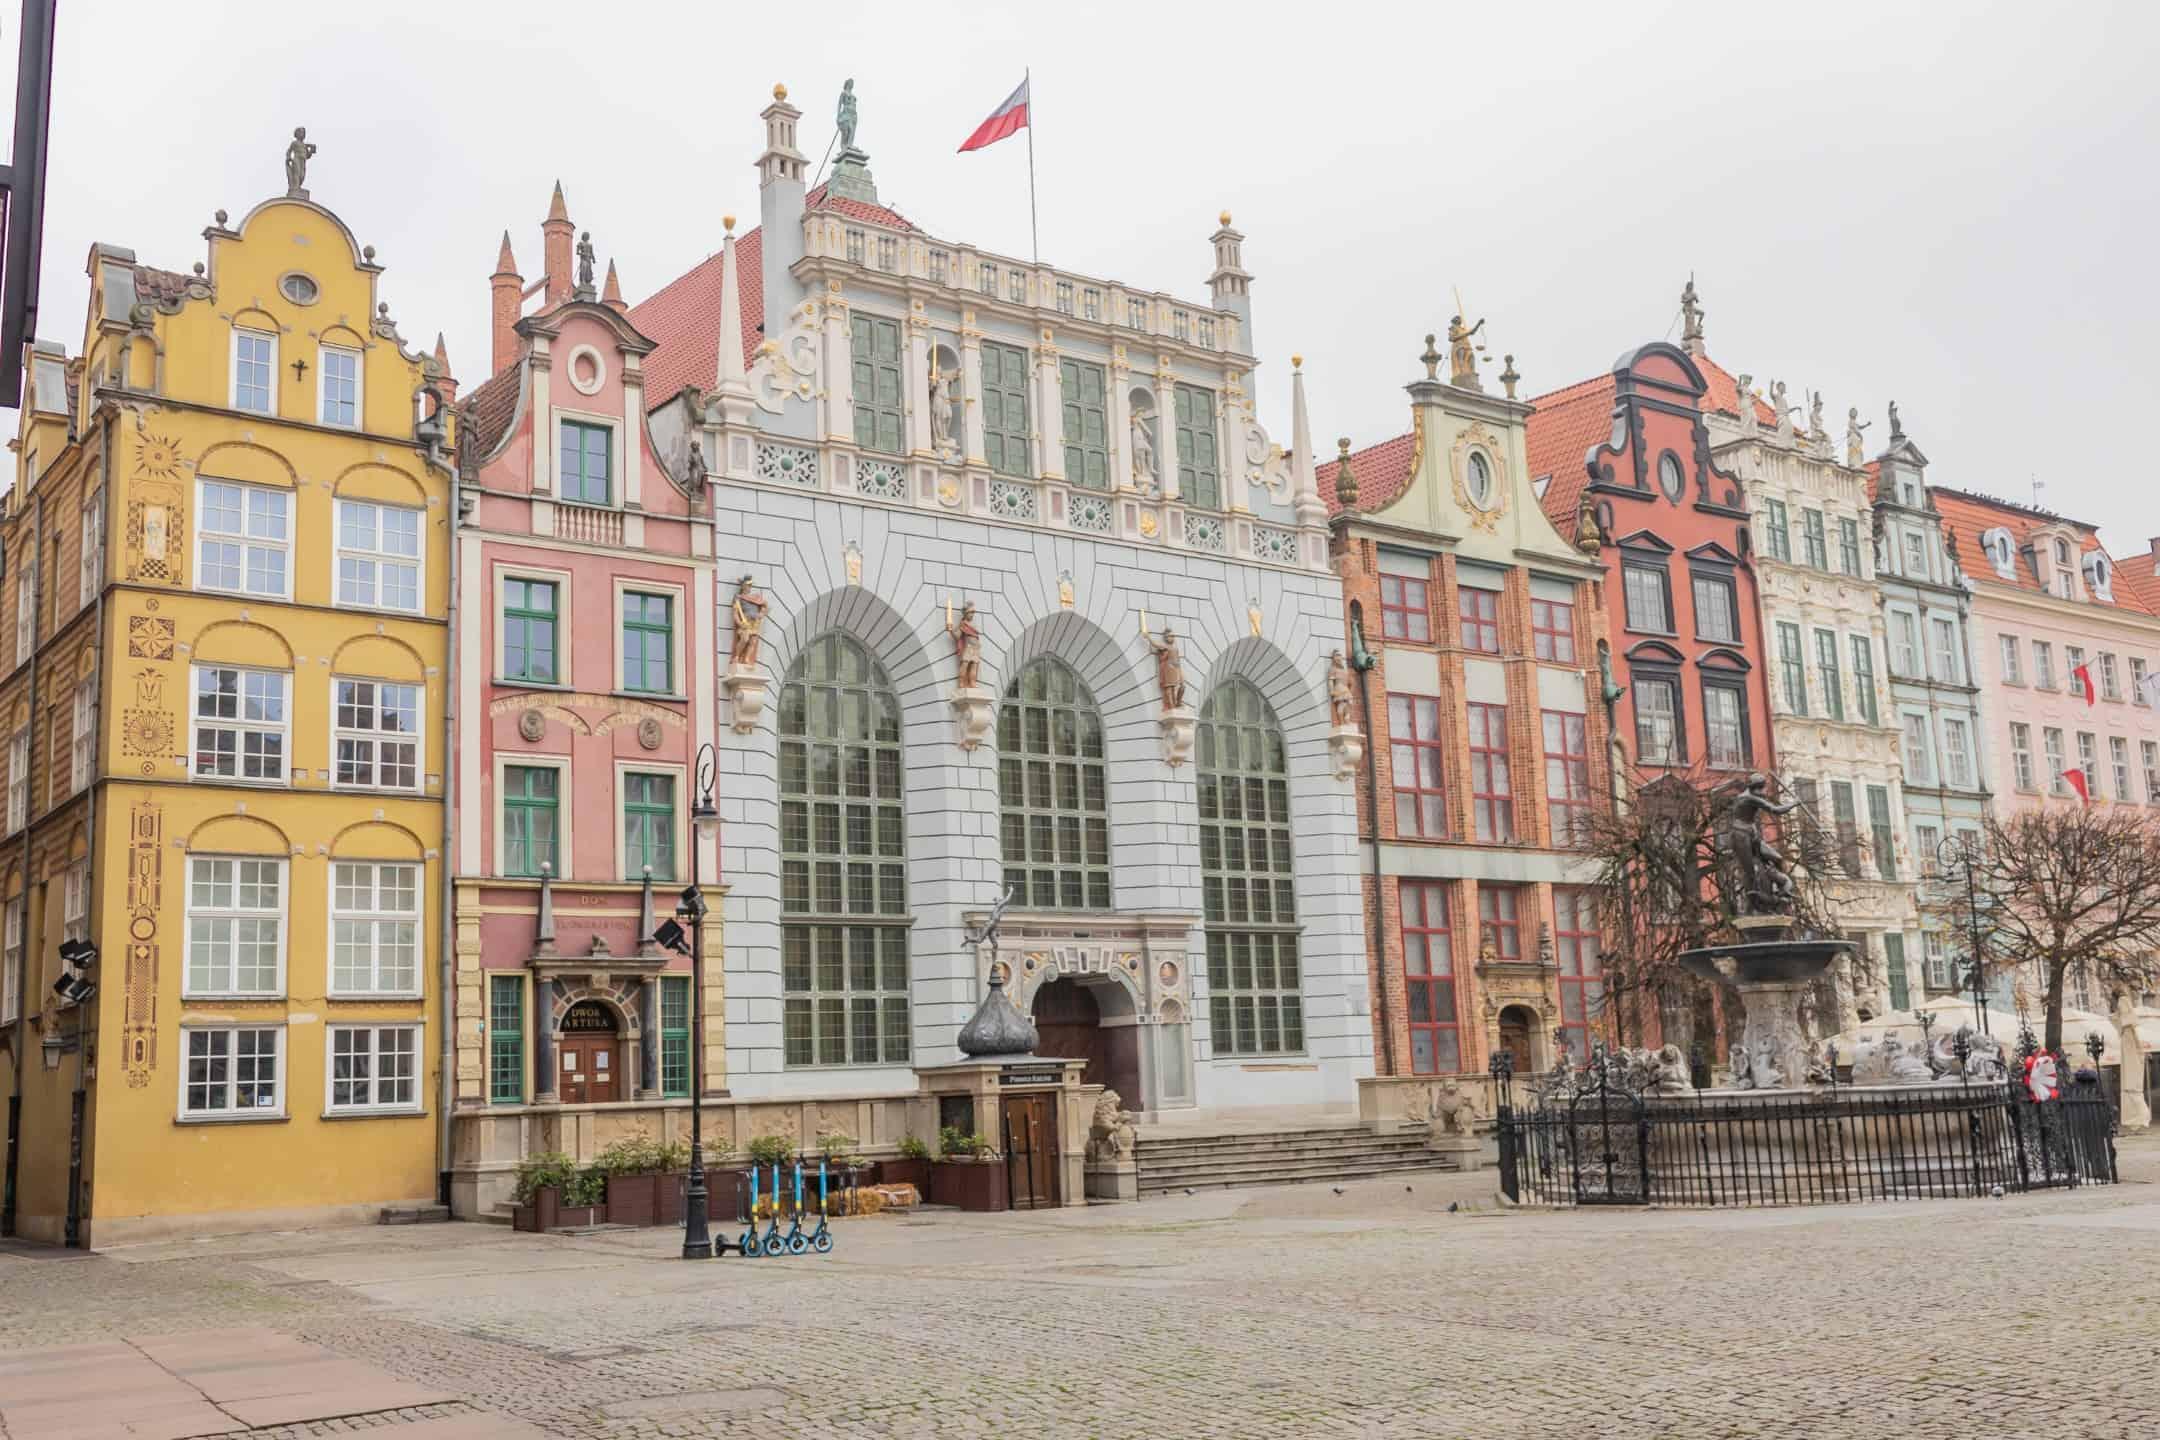 Fototeka Gdanska Dwor Artusa - Zdjęcia starego Gdańska. Kompozycja w 5 prostych krokach !